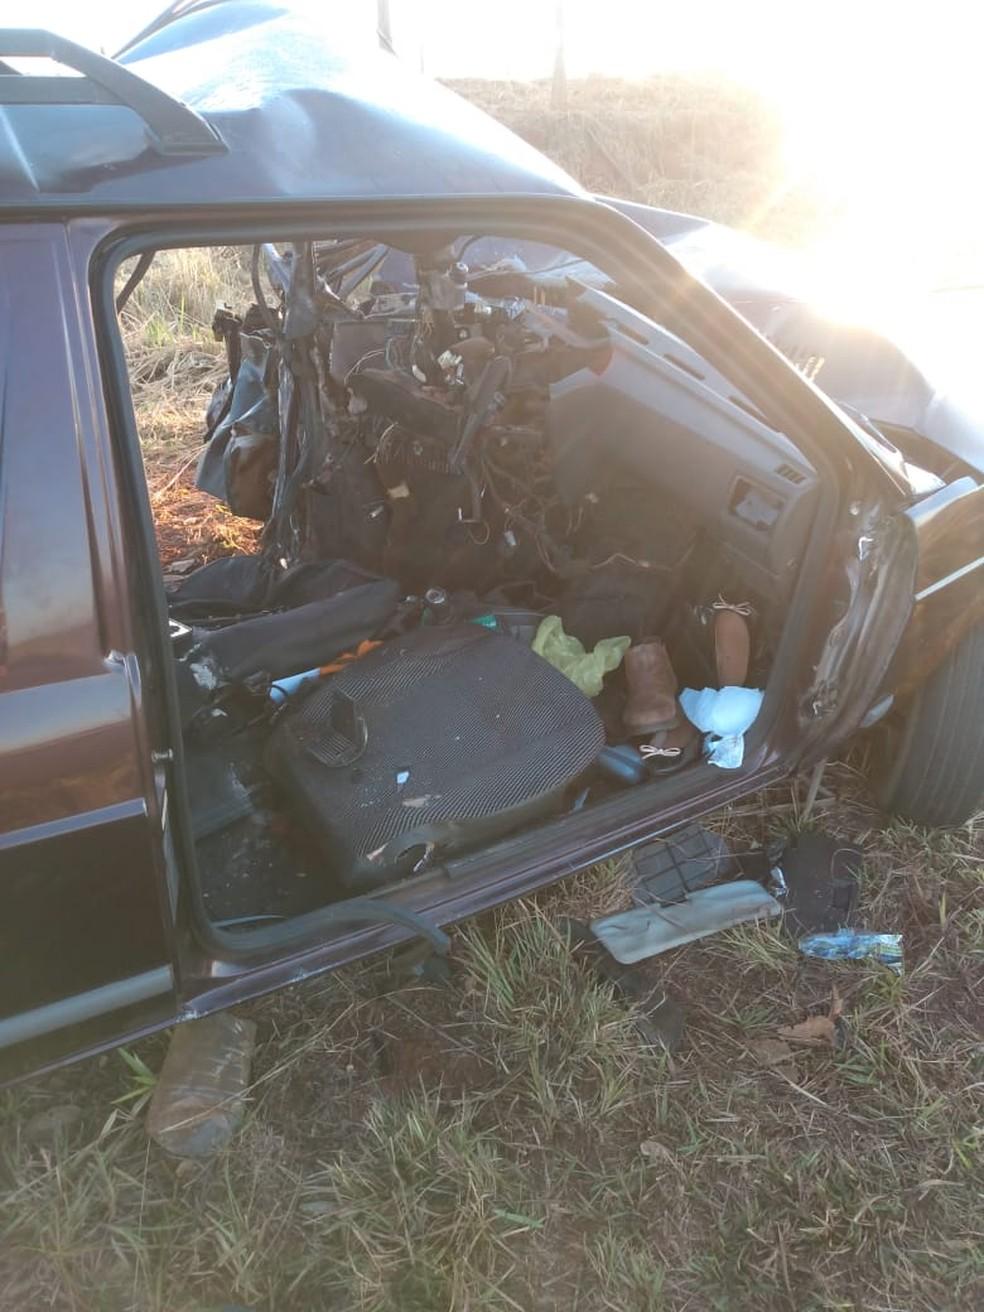 Acidente aconteceu depois de um dos motoristas perder o controle do veículo — Foto: Arquivo Pessoal